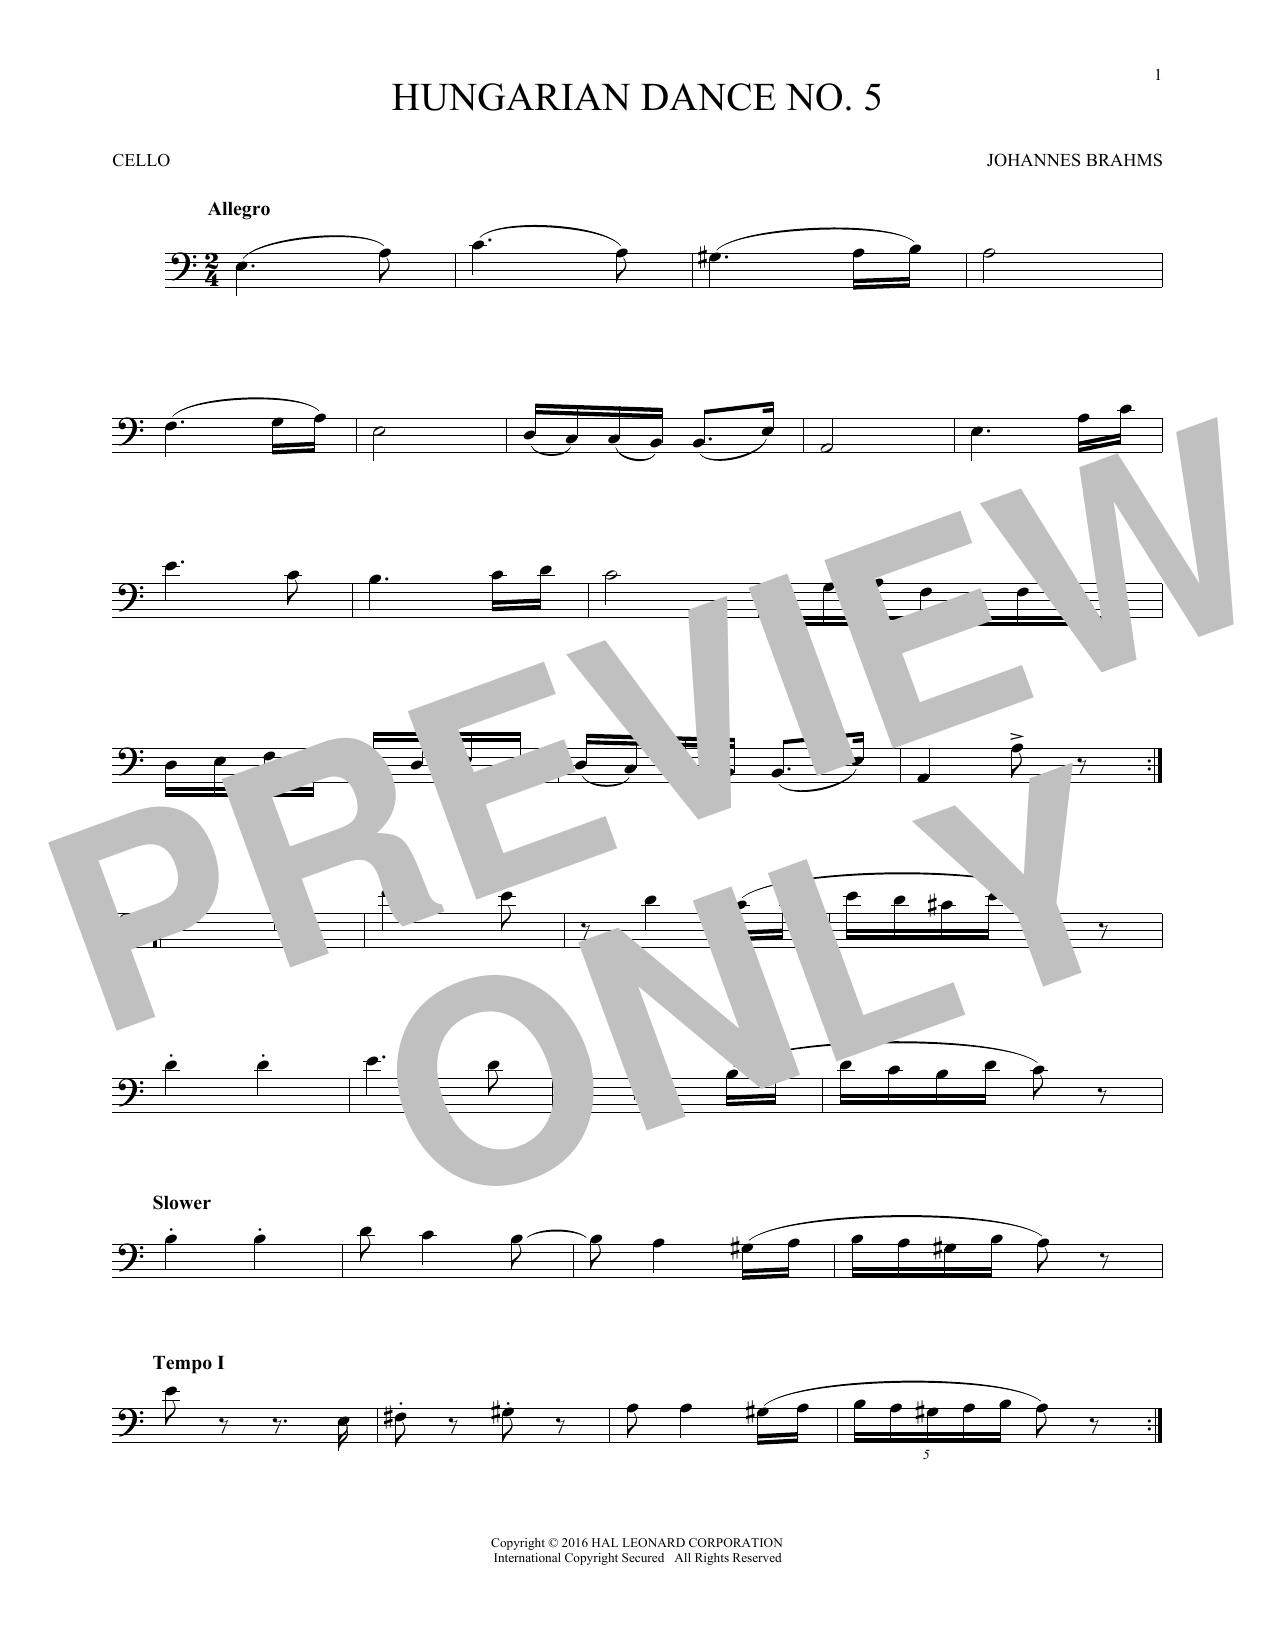 Hungarian Dance No. 5 (Cello Solo)